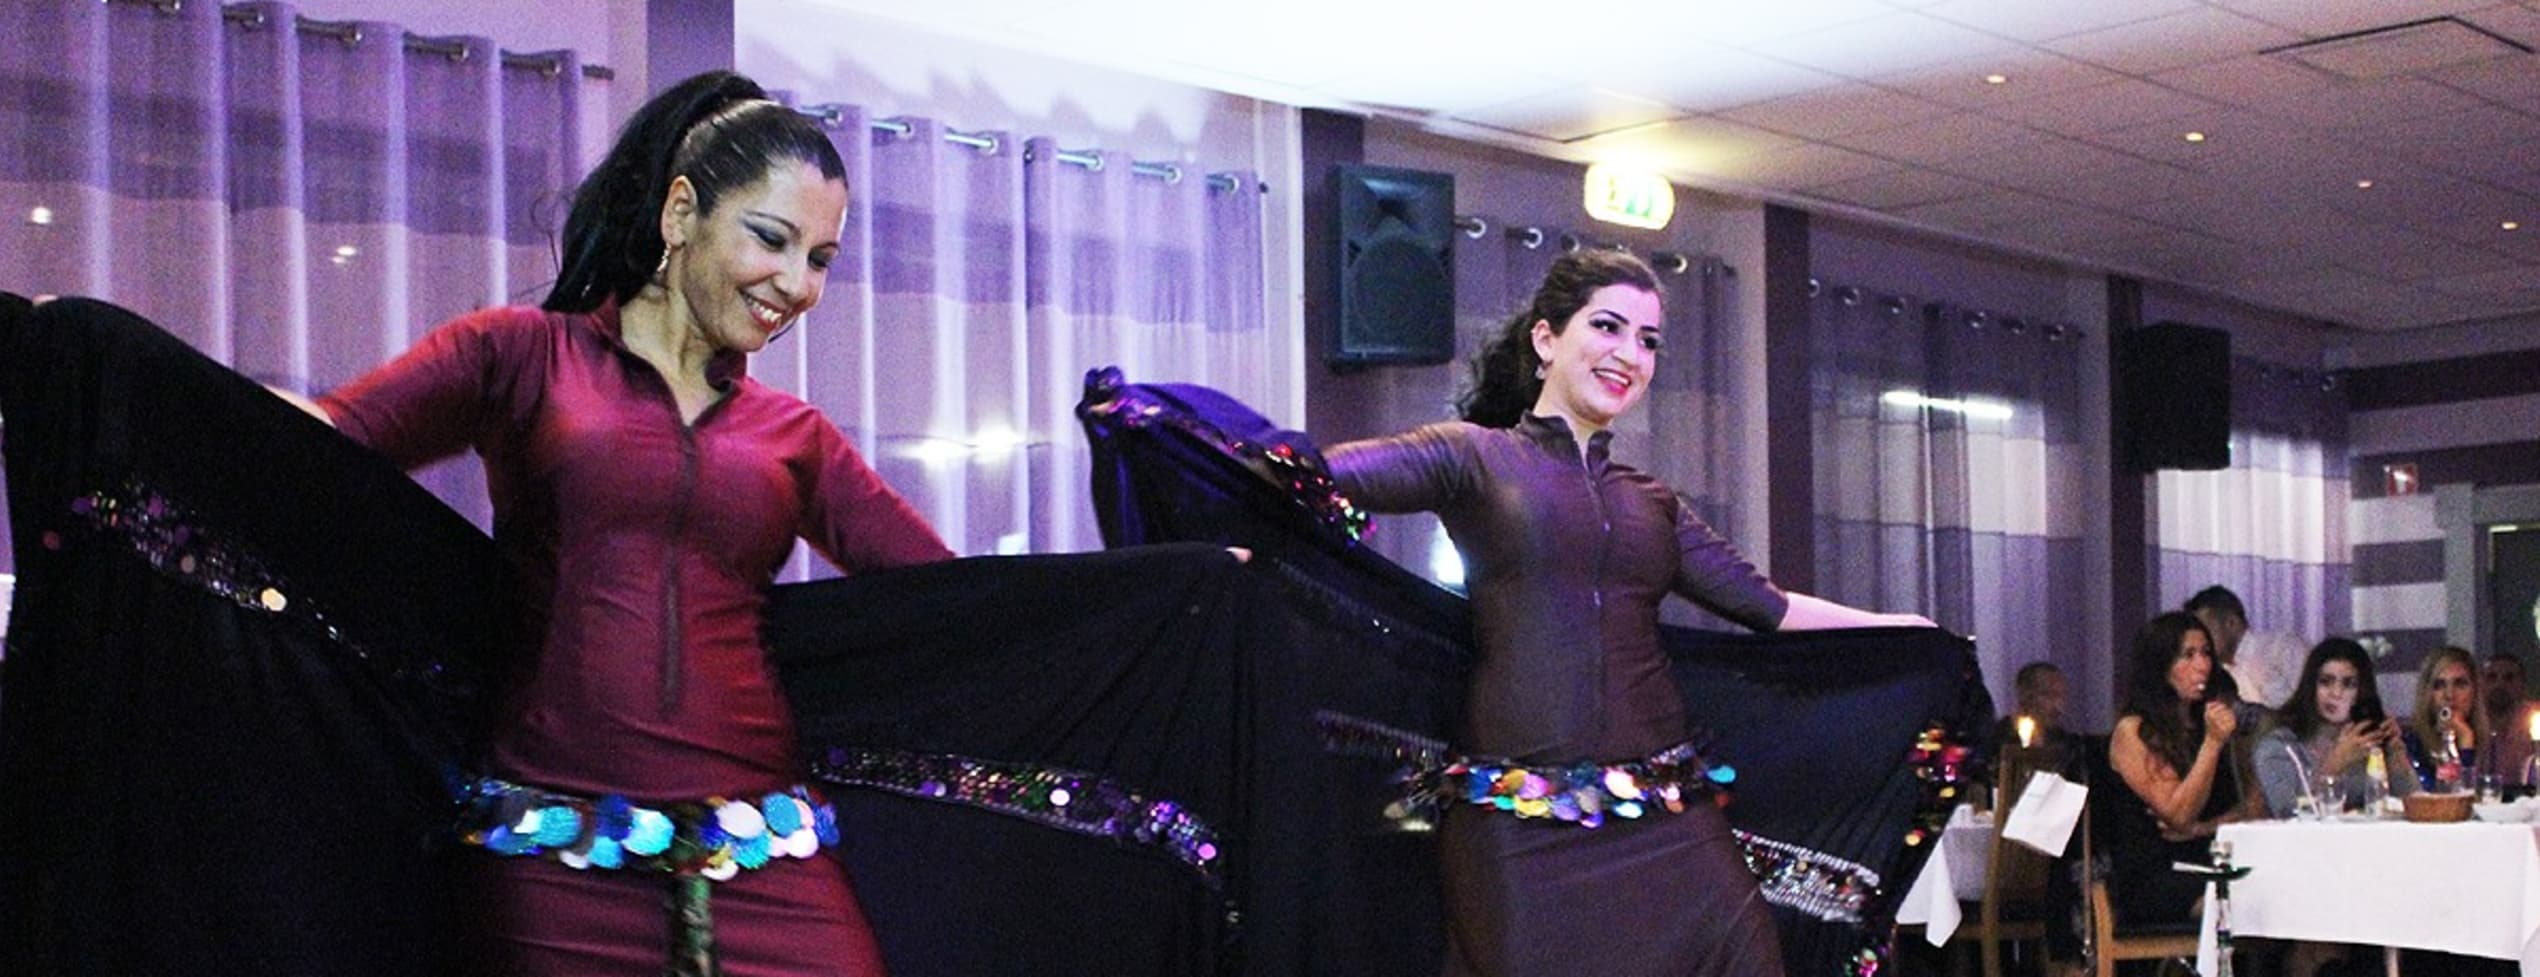 Lär dig dansa orientalisk dans